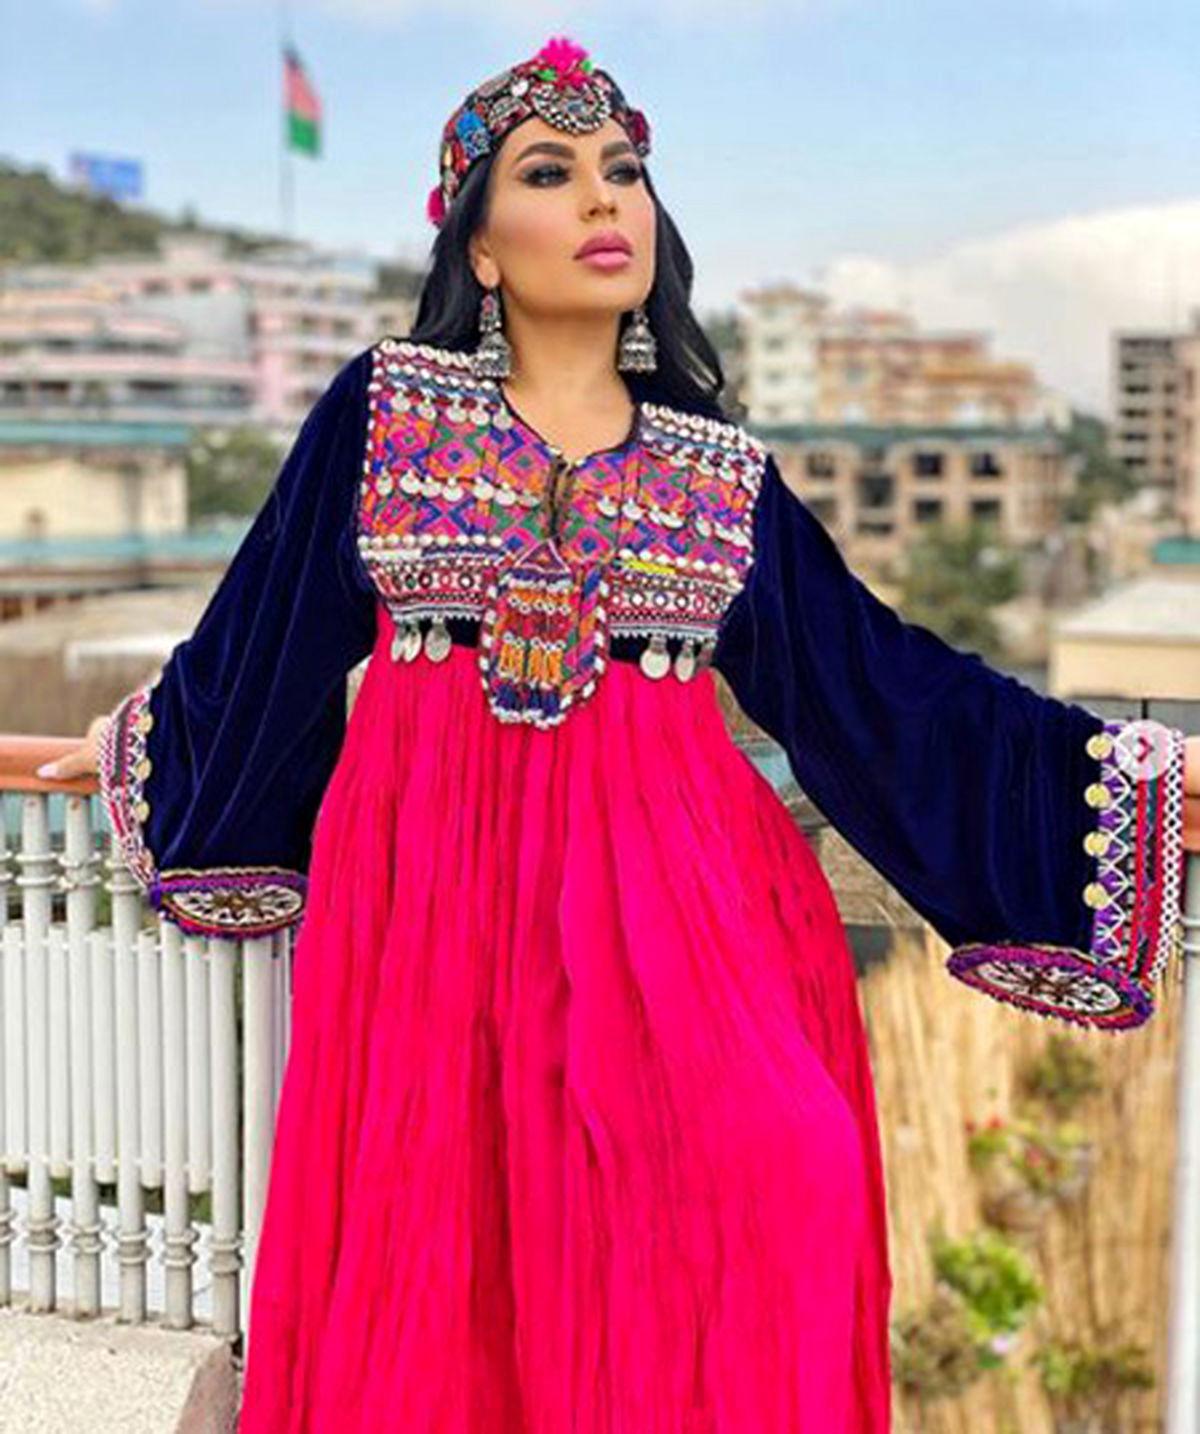 فرار آریانا سعید خواننده مشهور افغانستان از دست طالبان | آریانا سعید کیست؟